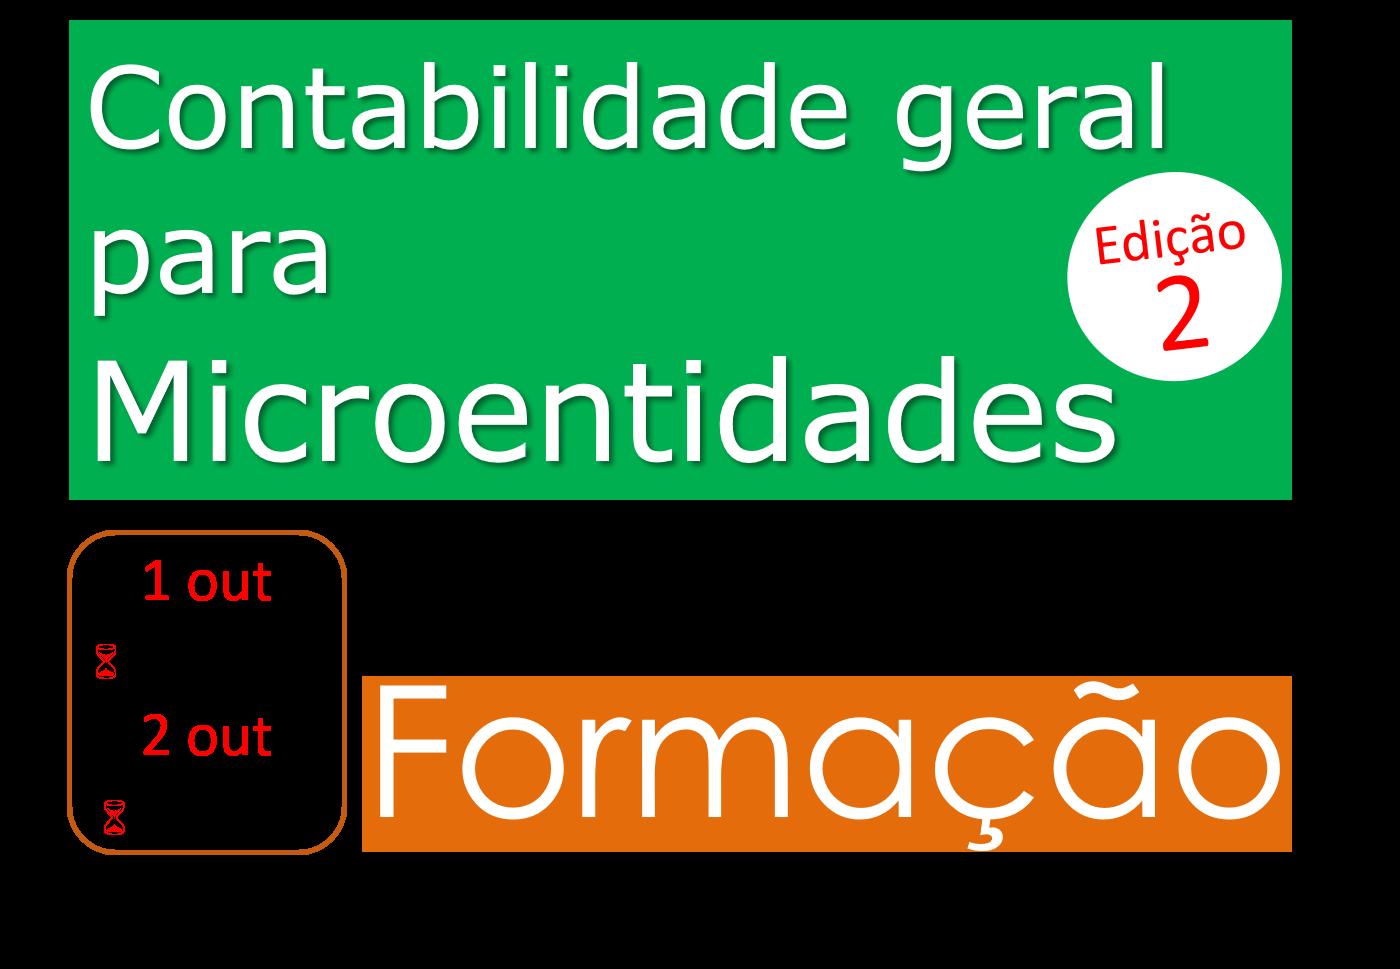 Contabilidade geral para Microentidades – 1 e 2/out